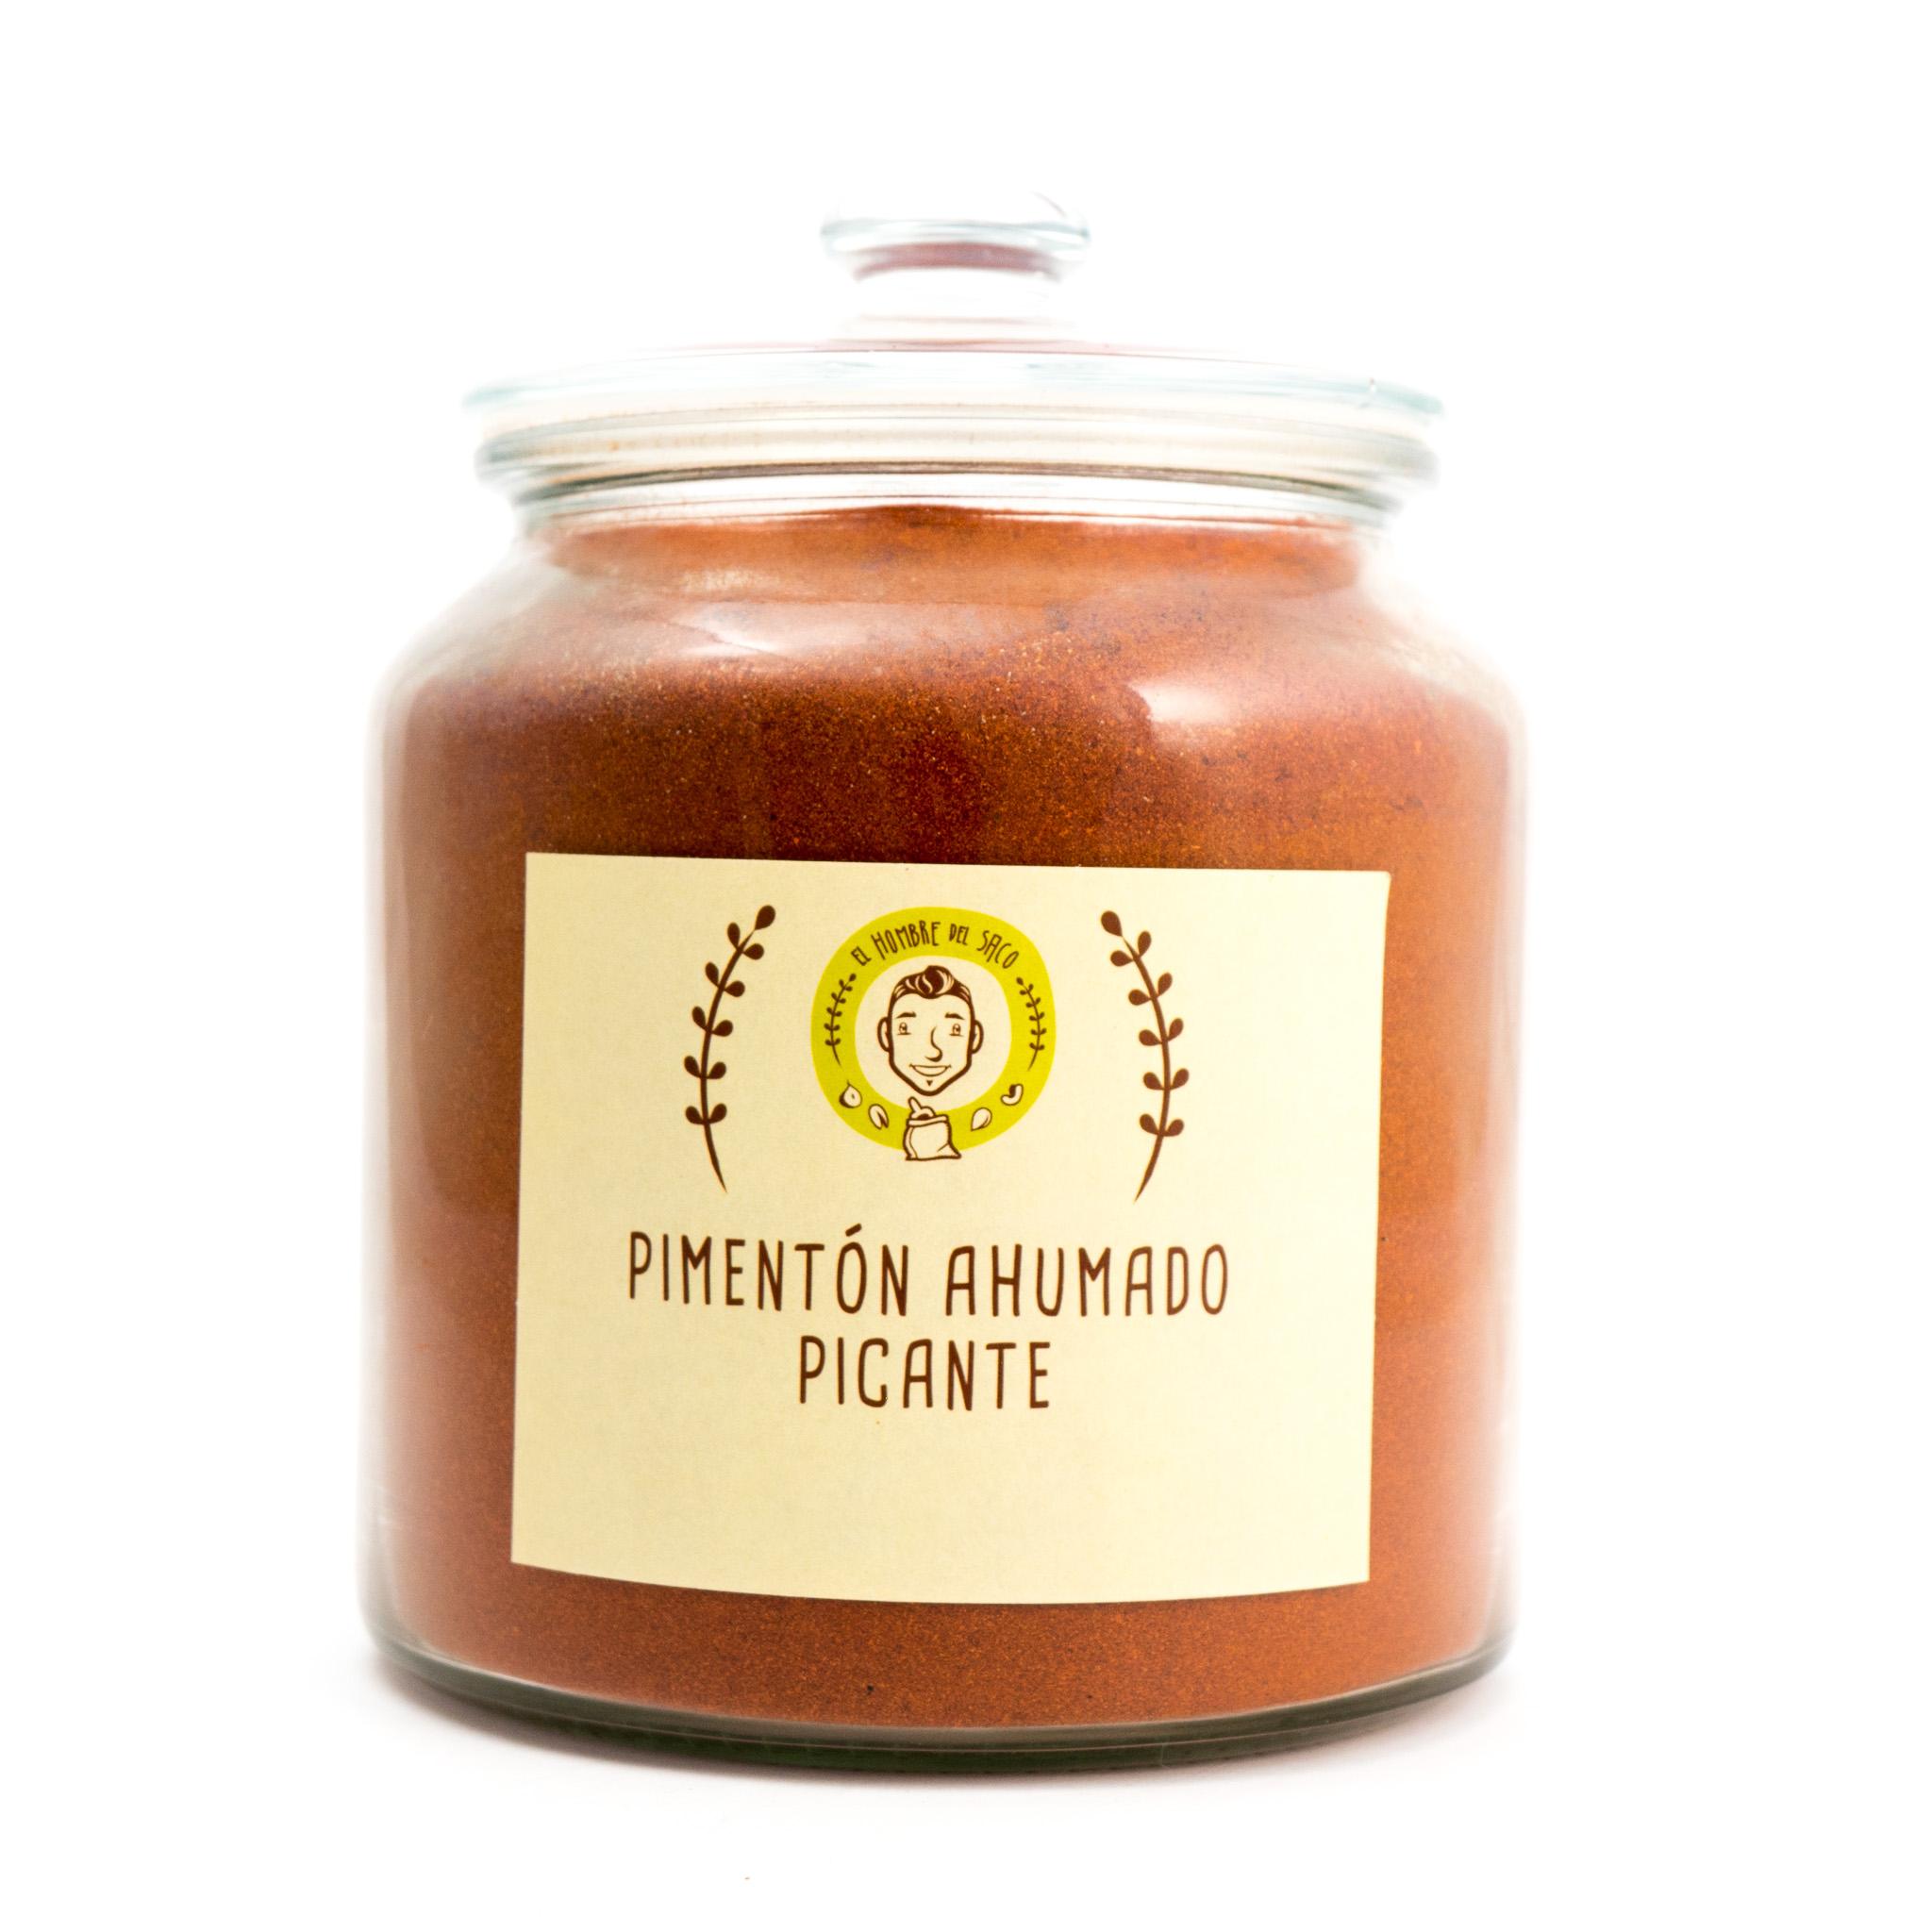 Pimentón ahumado picante